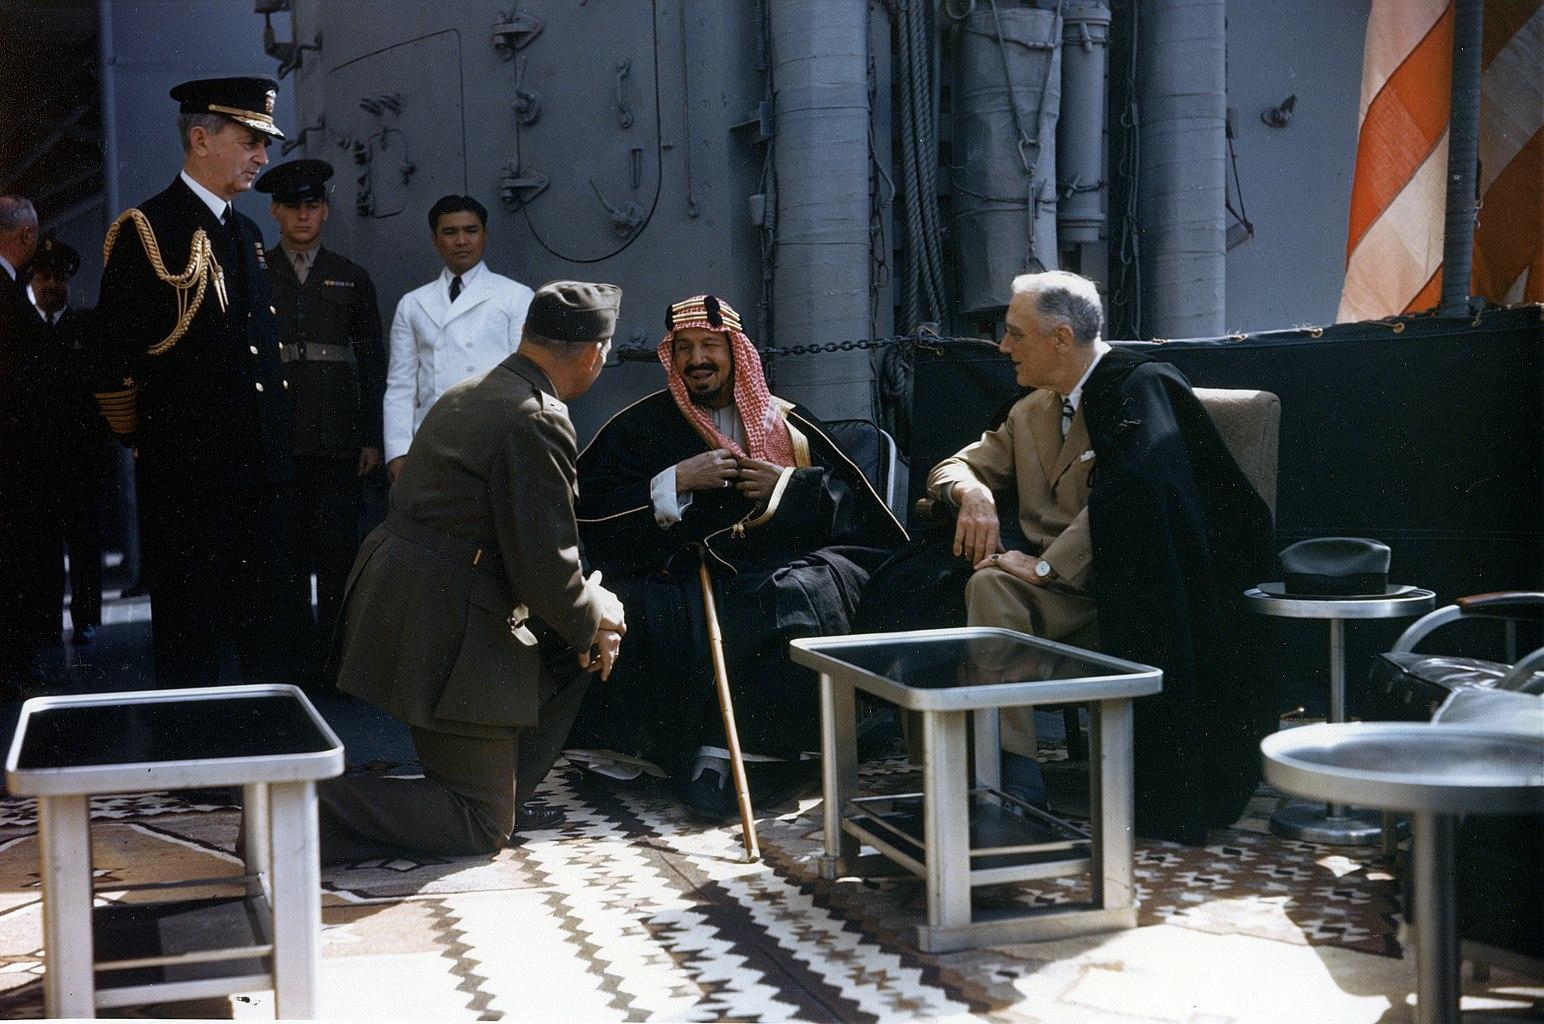 Le président Franklin Roosevelt en compagnie du roi Abdelaziz Al Saoud, du colonel William A. Eddy(en) (qui sert d'interprète, un genou au sol) et de l'amiral William Leahy (debout, à gauche) sur l'USS Quincy.